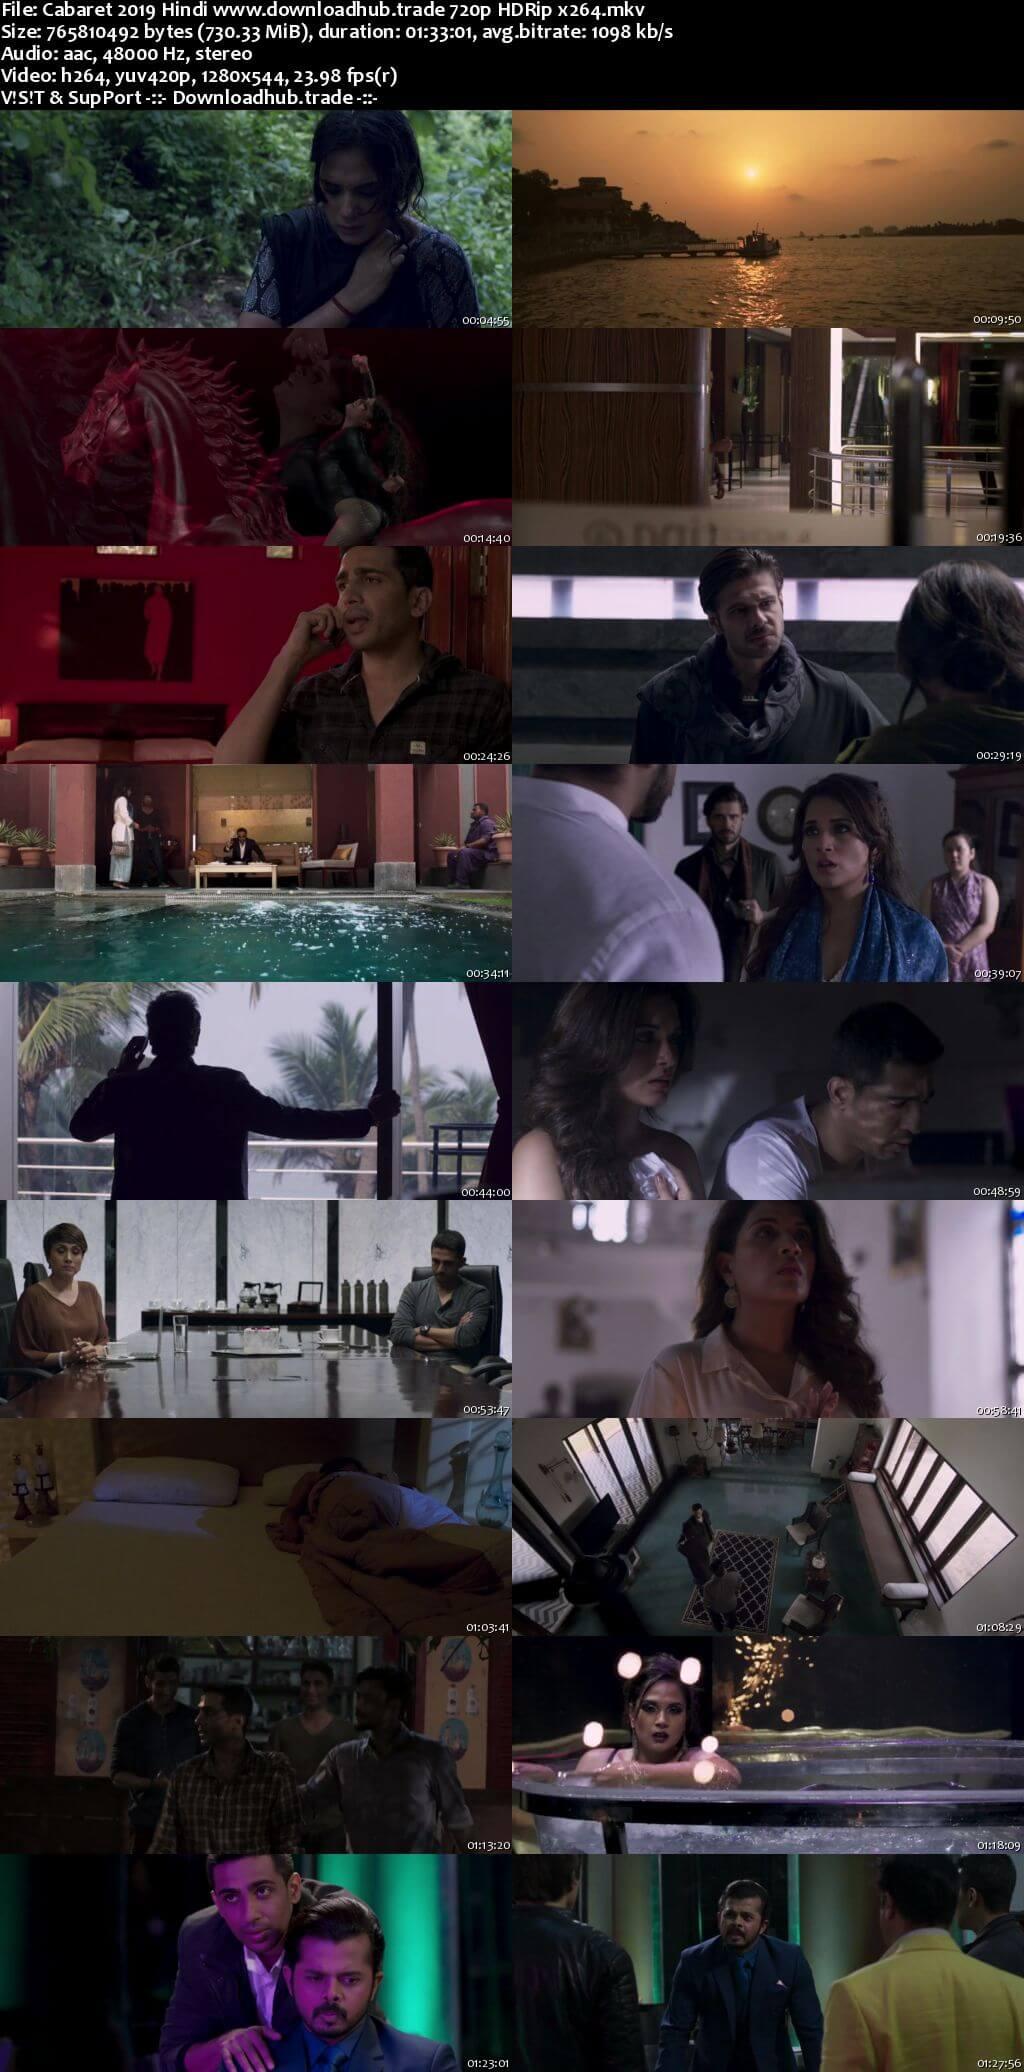 Cabaret 2019 Hindi 720p HDRip x264